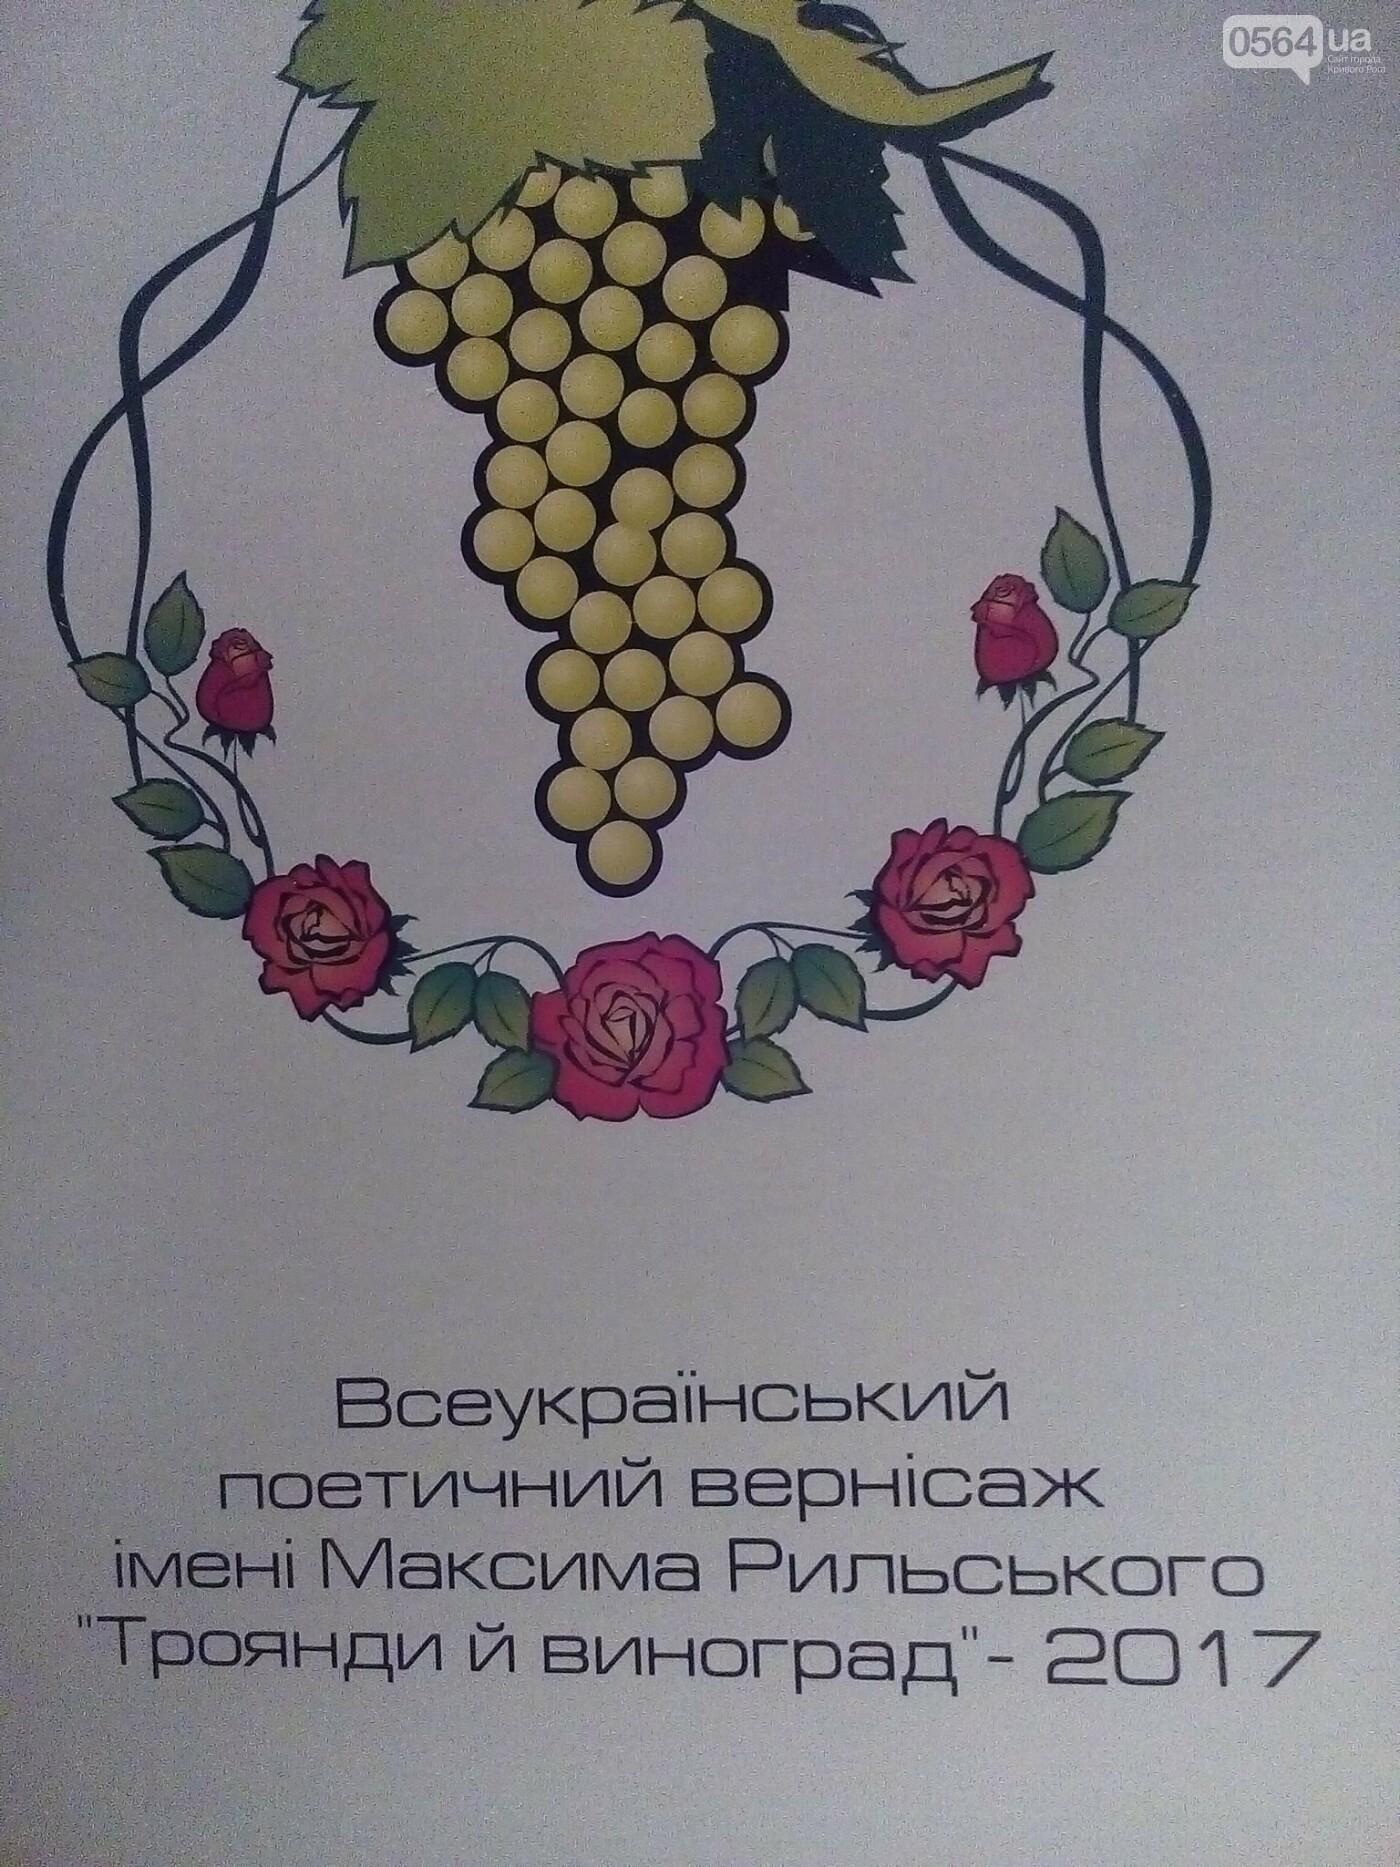 Криворожская поэтесса стала дипломантом Всеукраинского вернисажа имени Максима Рыльского, фото-3